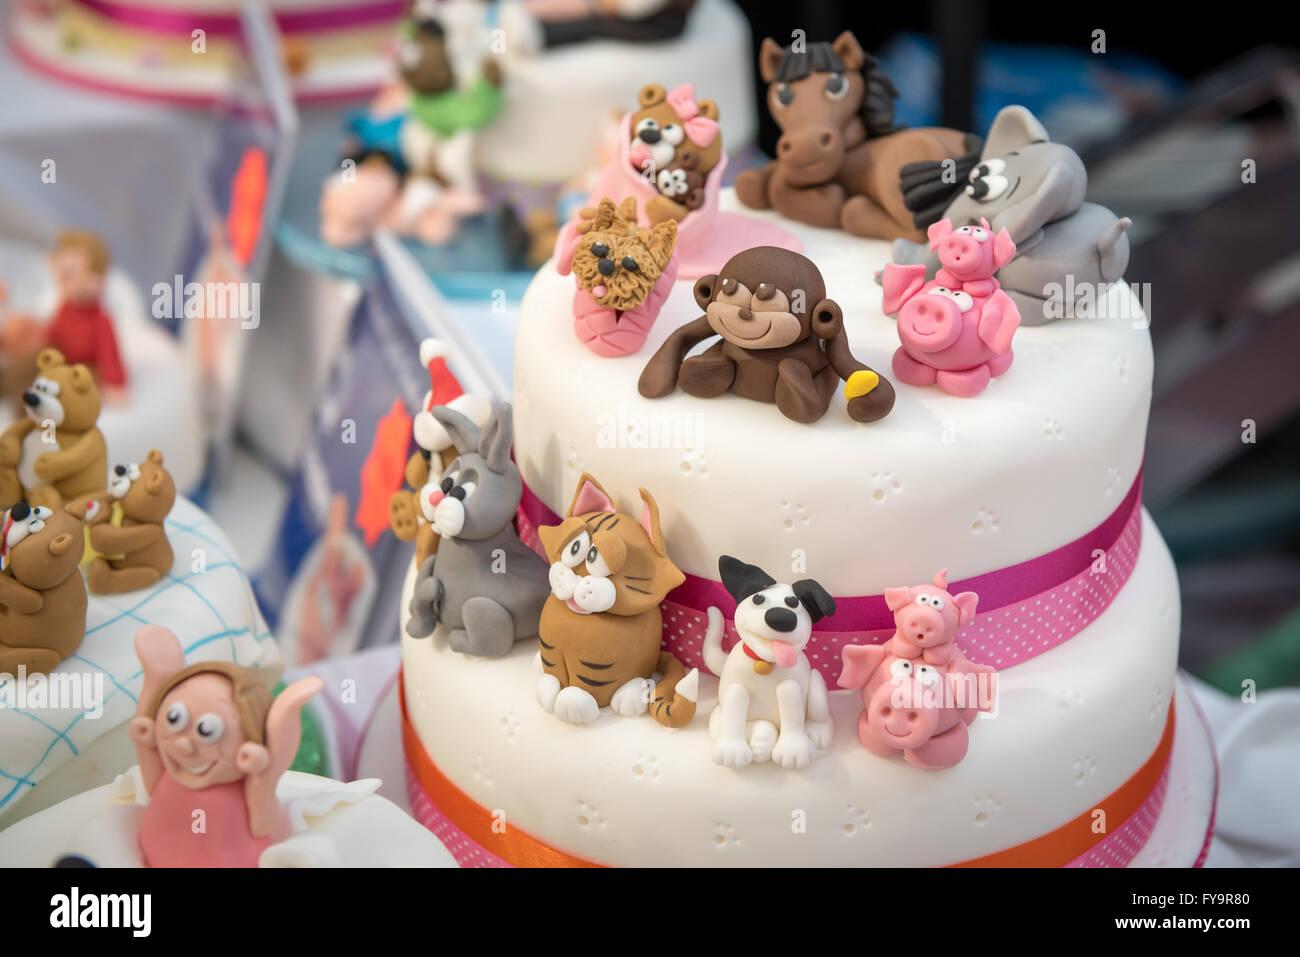 Tierform Geburtstag Kuchen Dekorationen Kuchen International The